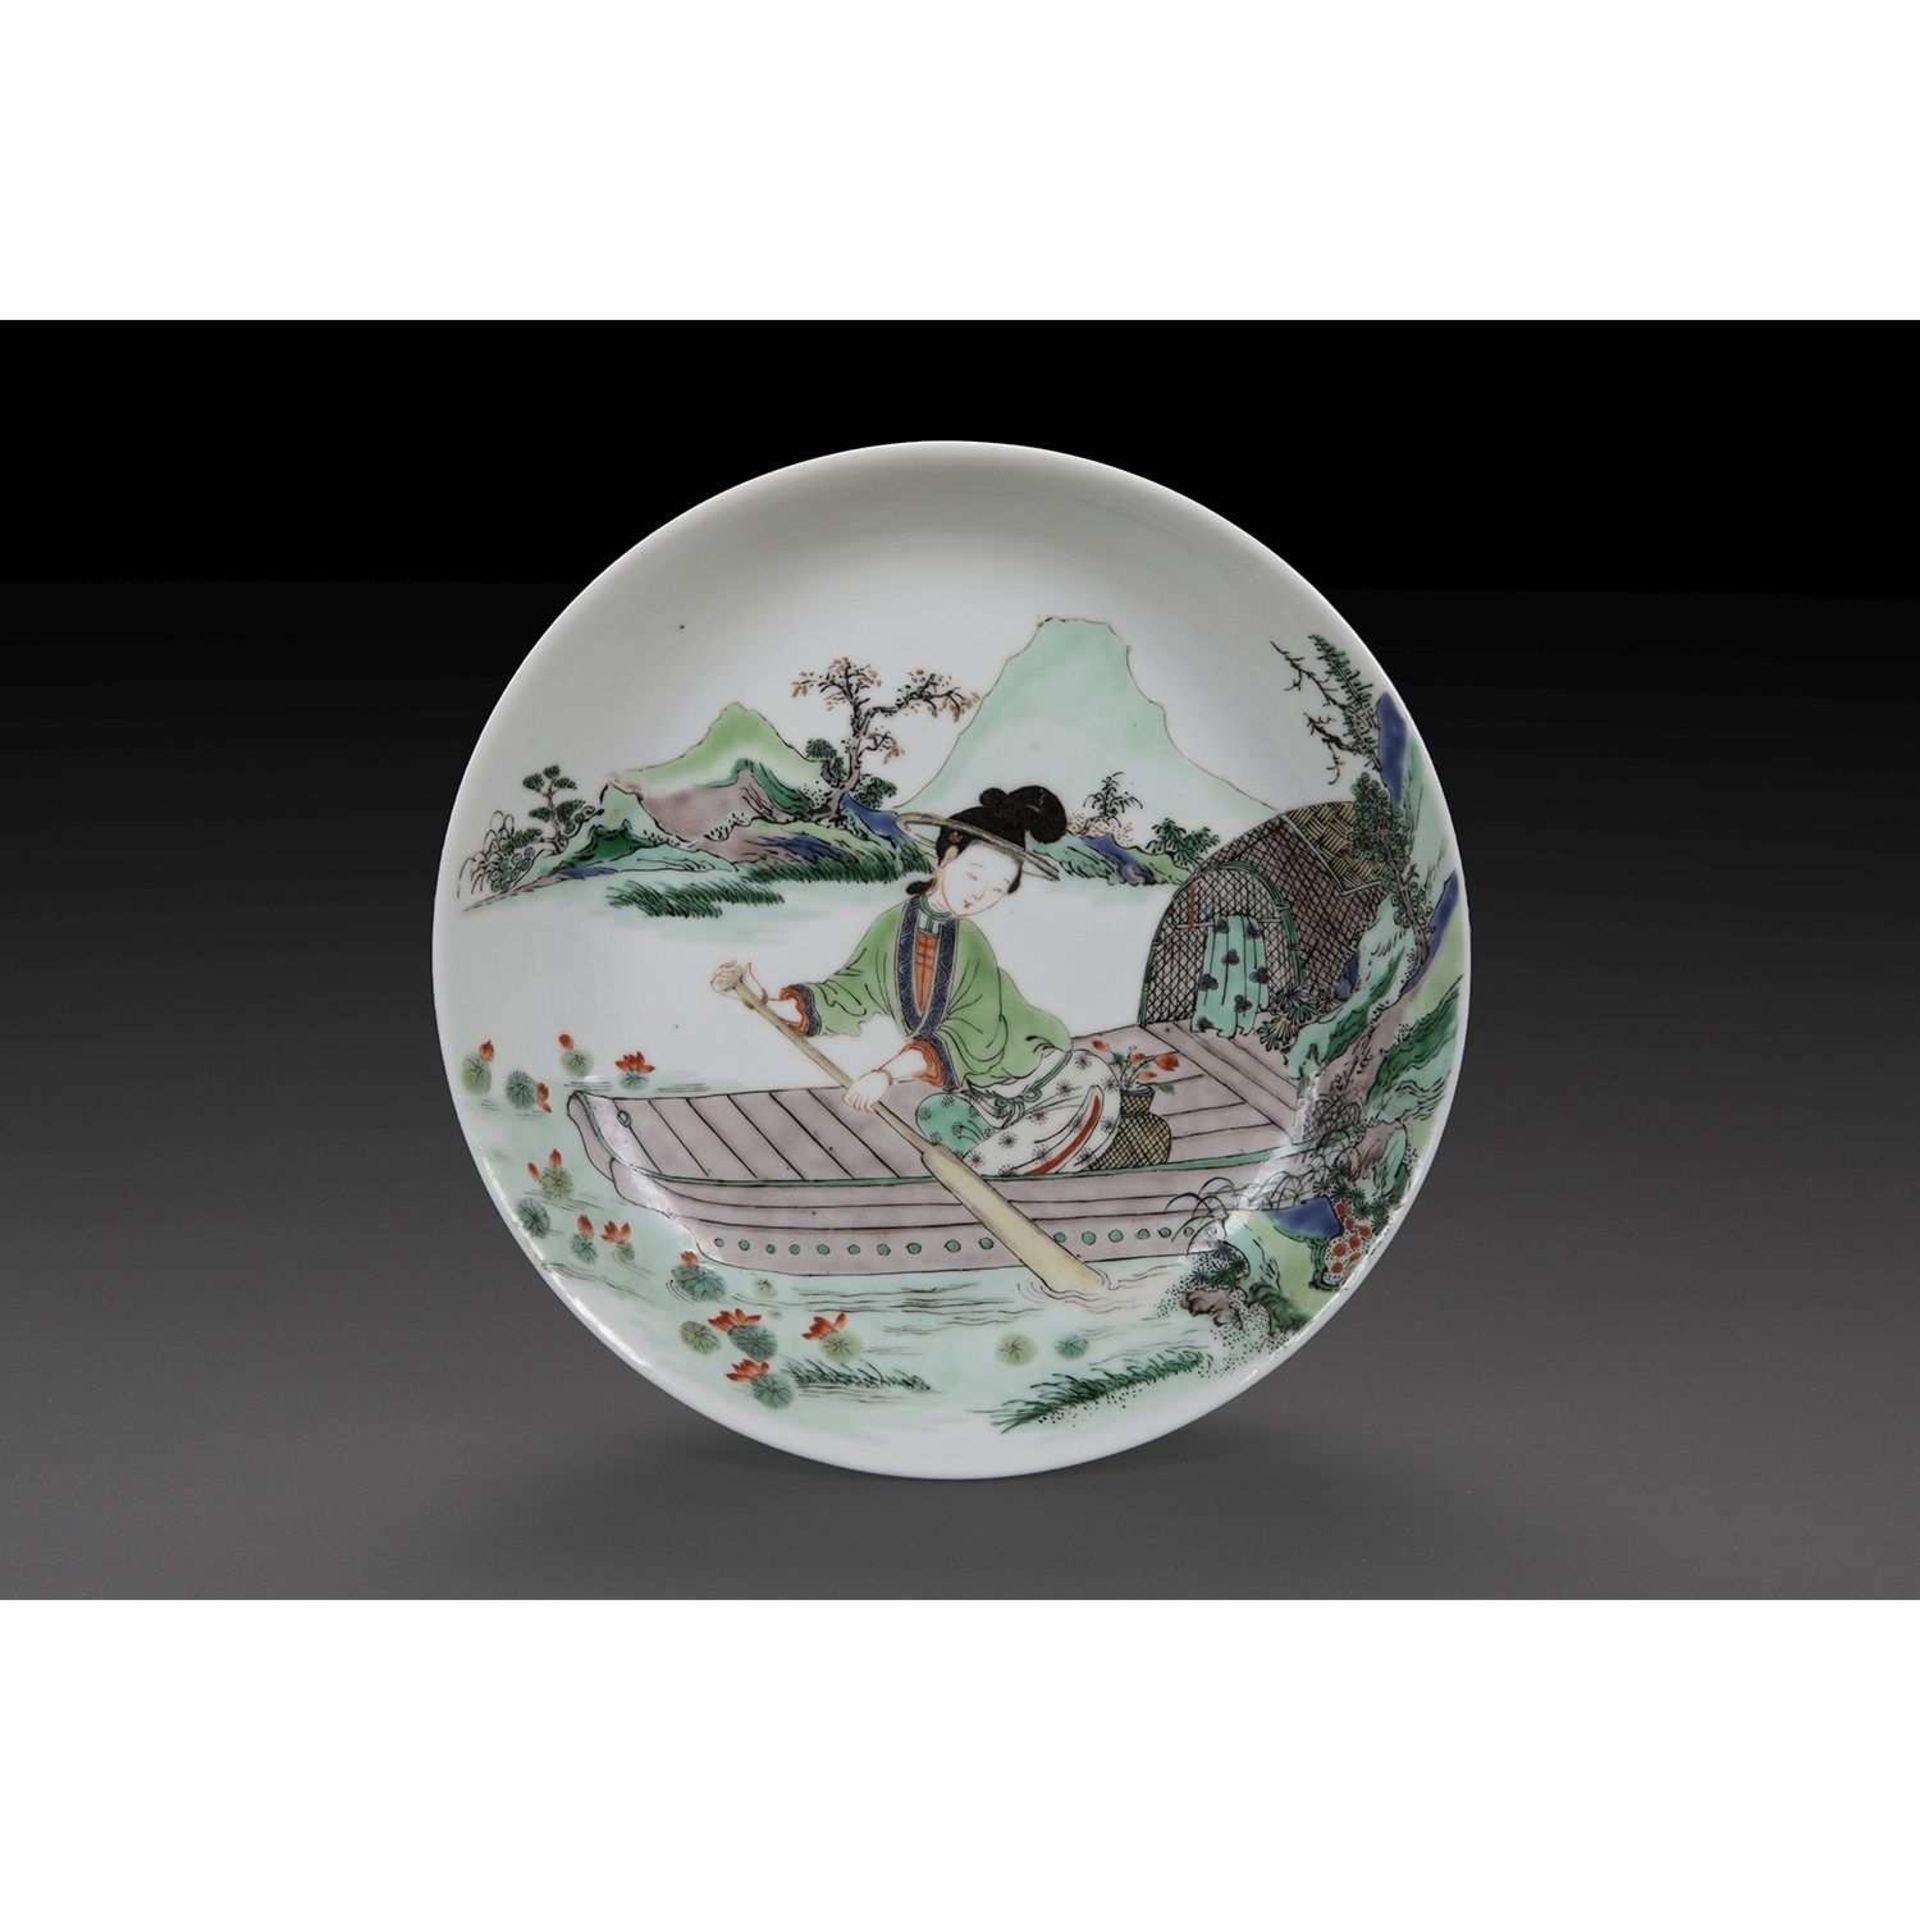 PETIT PLAT CREUX en porcelaine et émaux polychromes de la famille verte, à décor d'une jeune femme